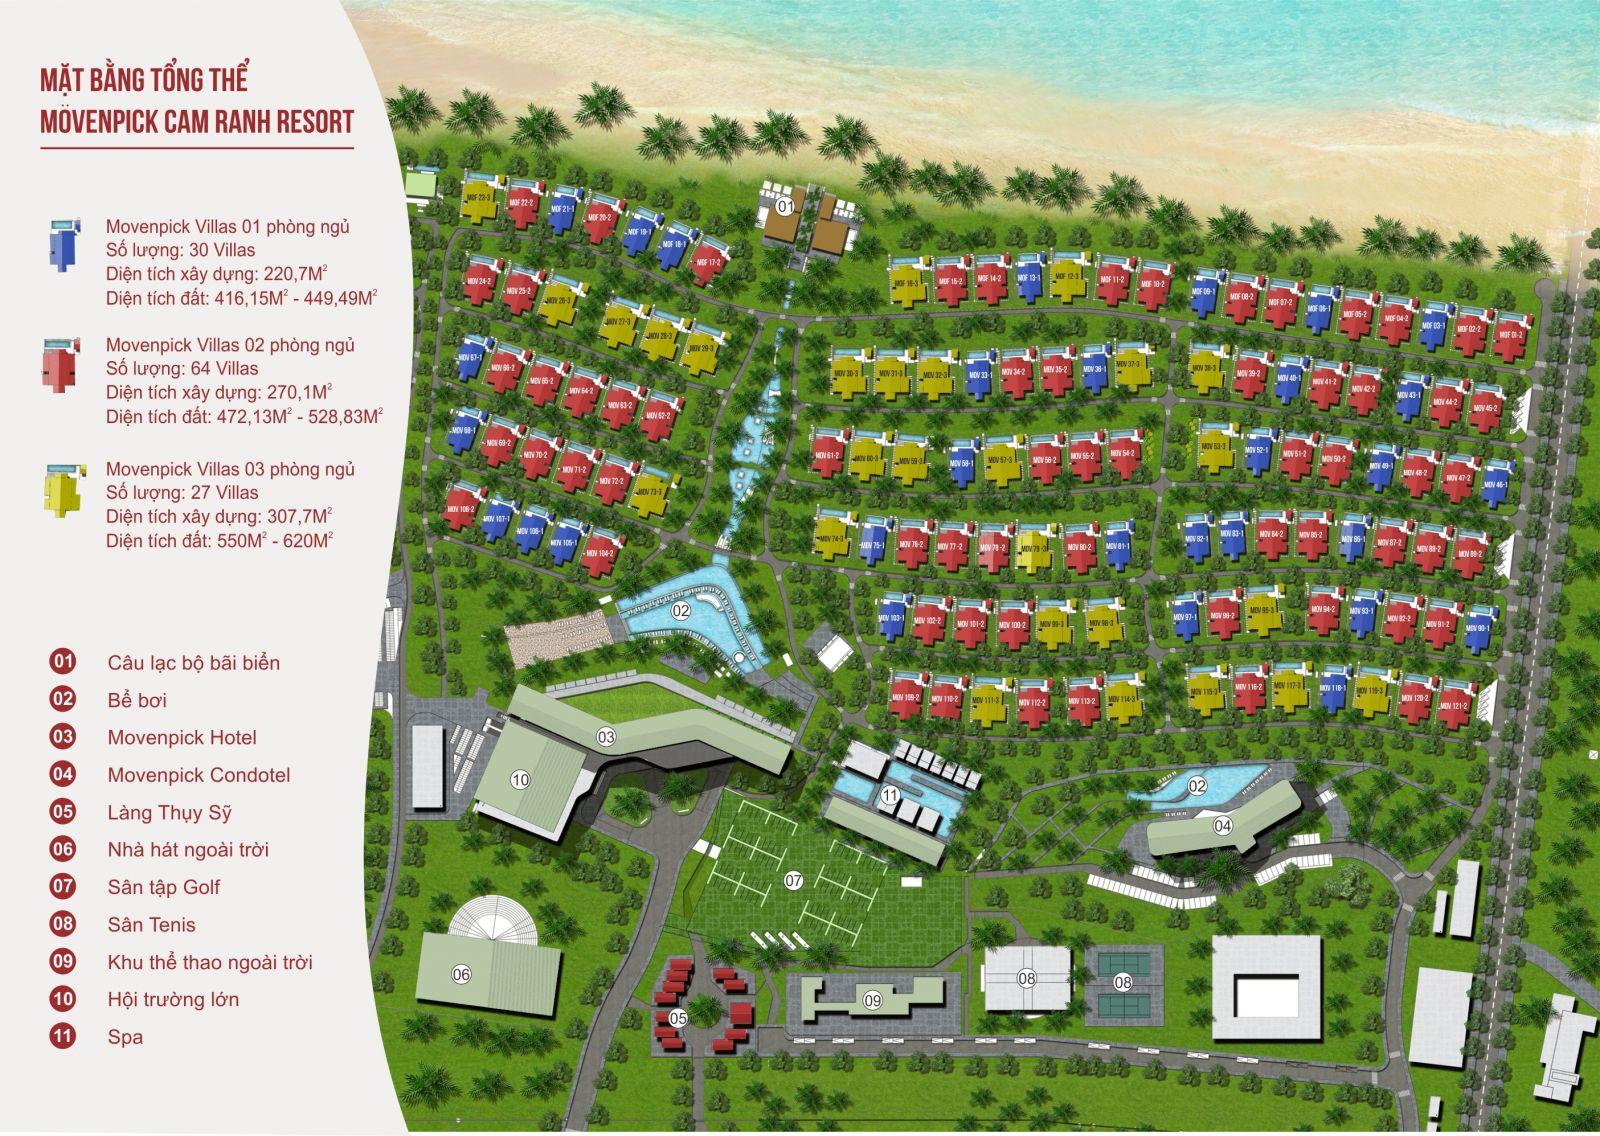 Mặt bằng dự án Mövenpick Cam Ranh Resort